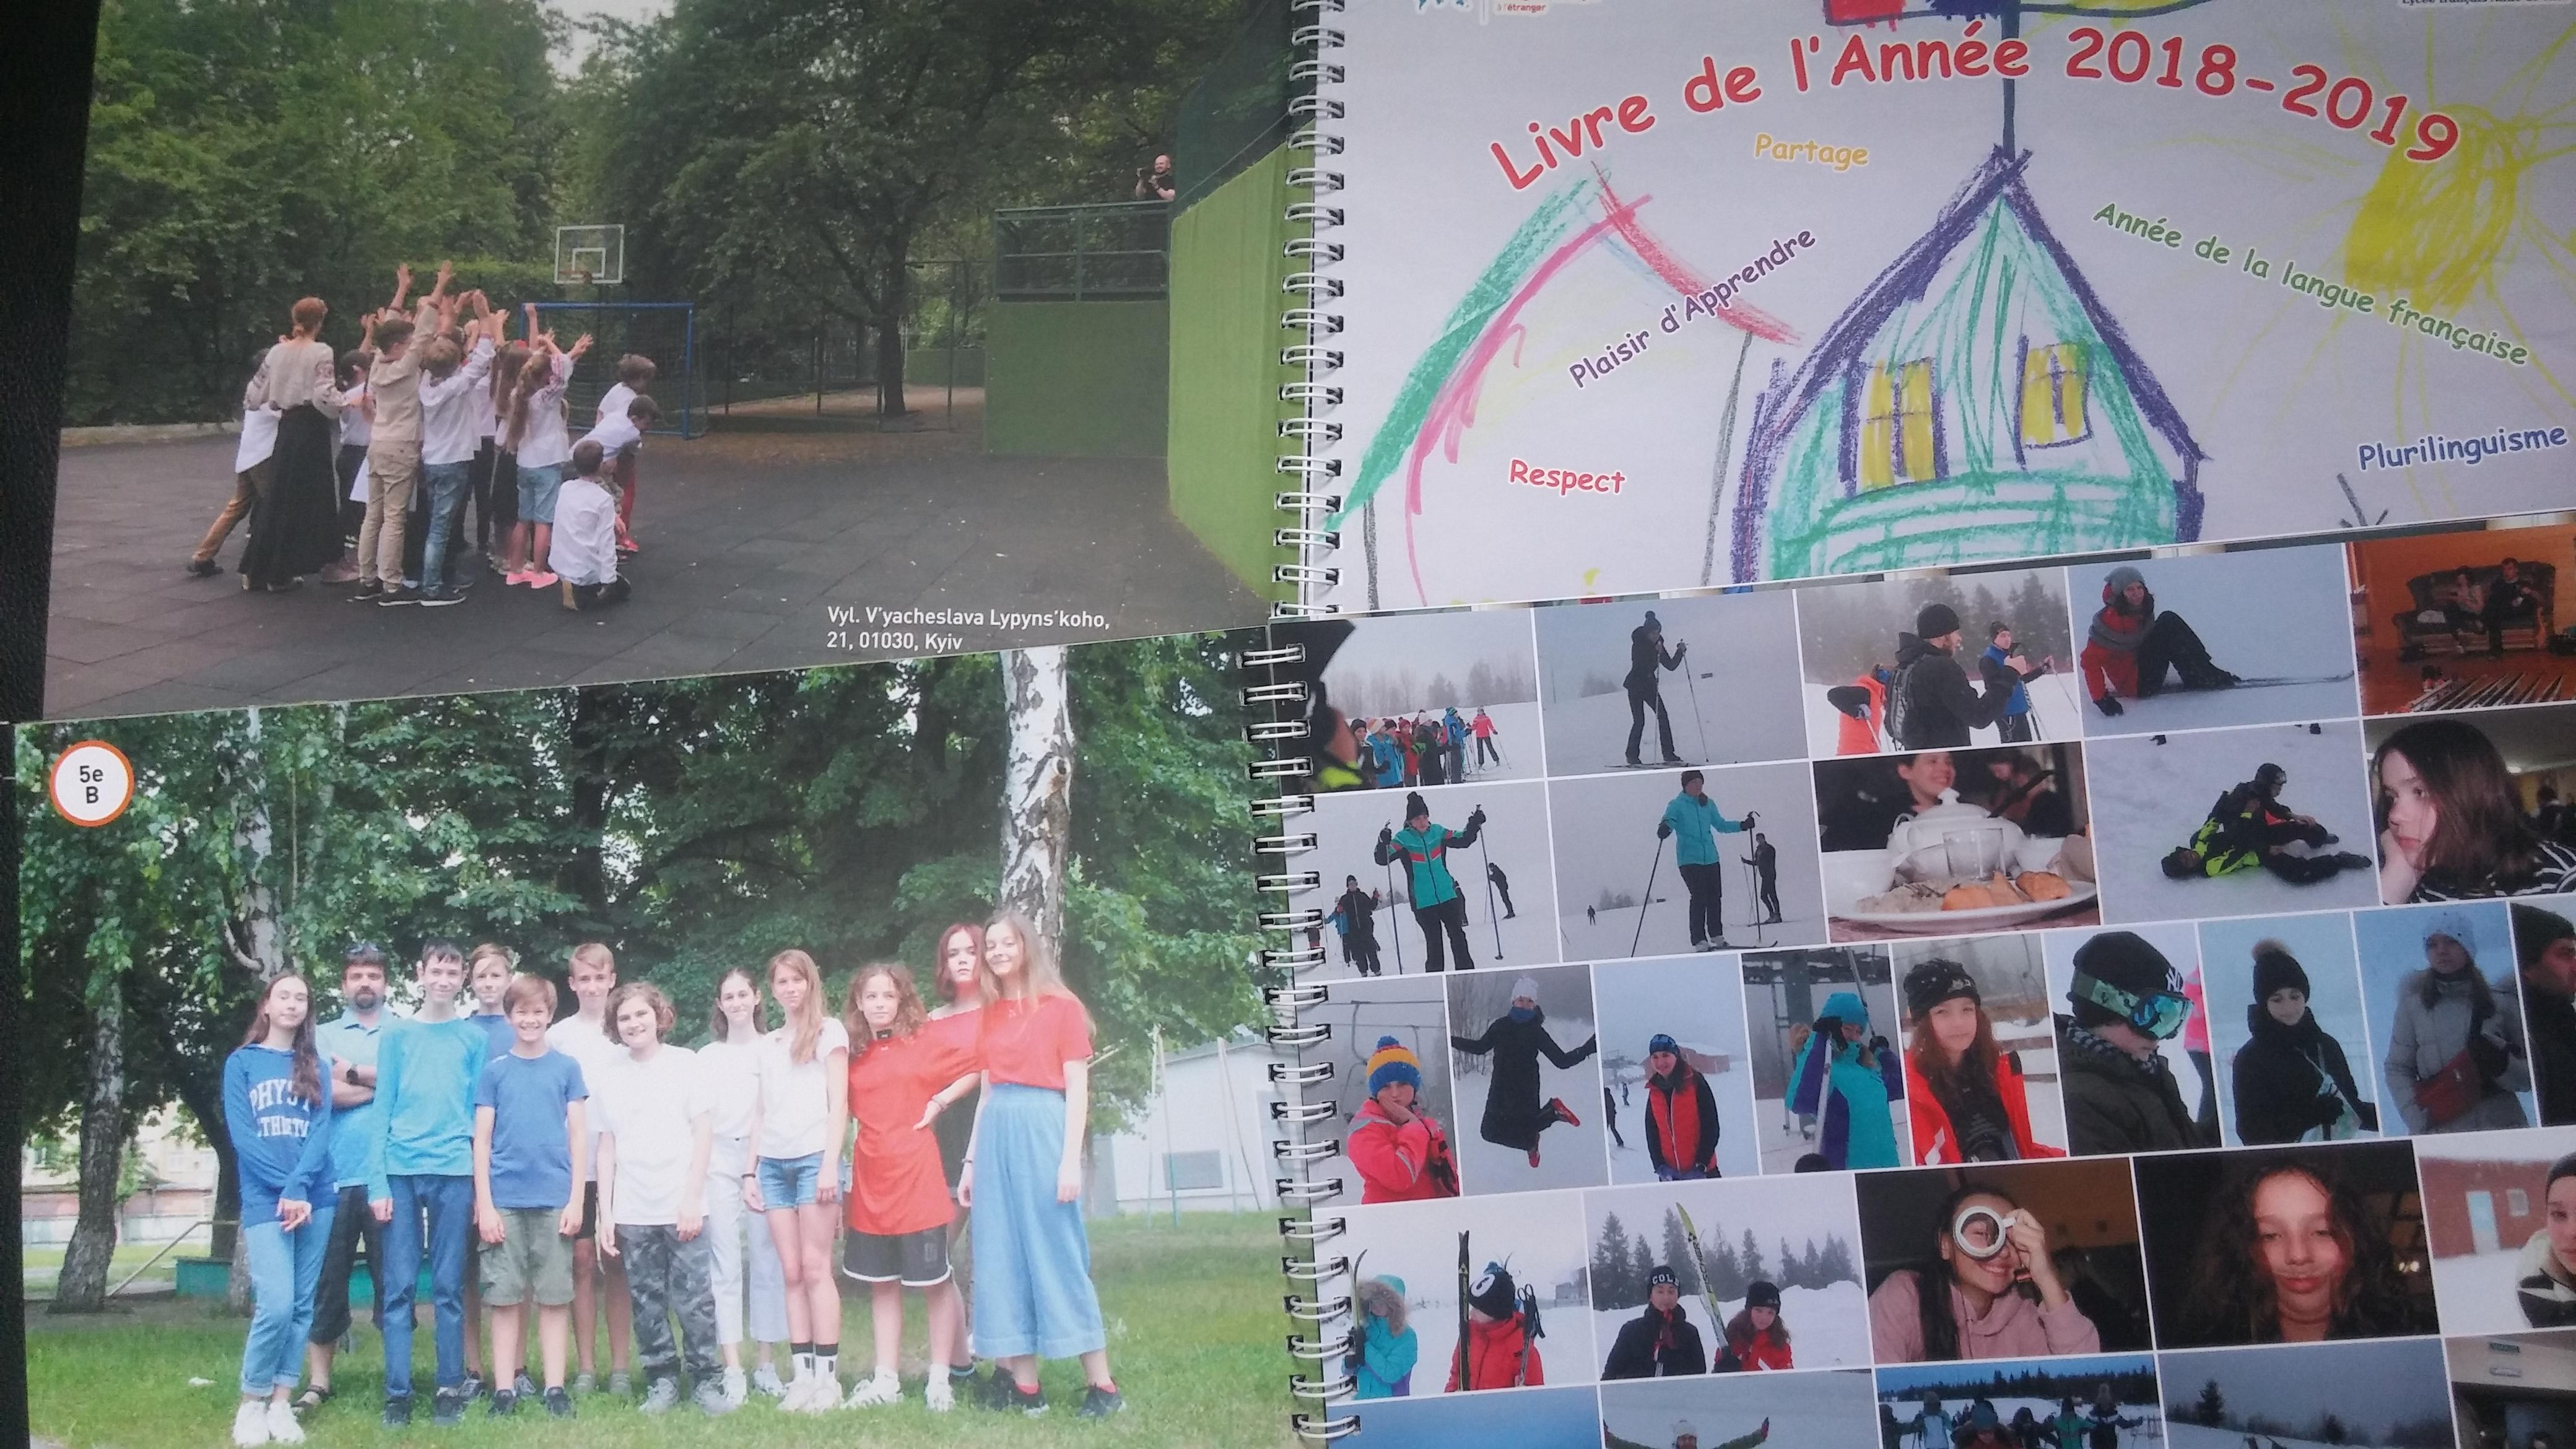 Fin D Annee Ateliers Et Livre De L Annee Lycee Francais